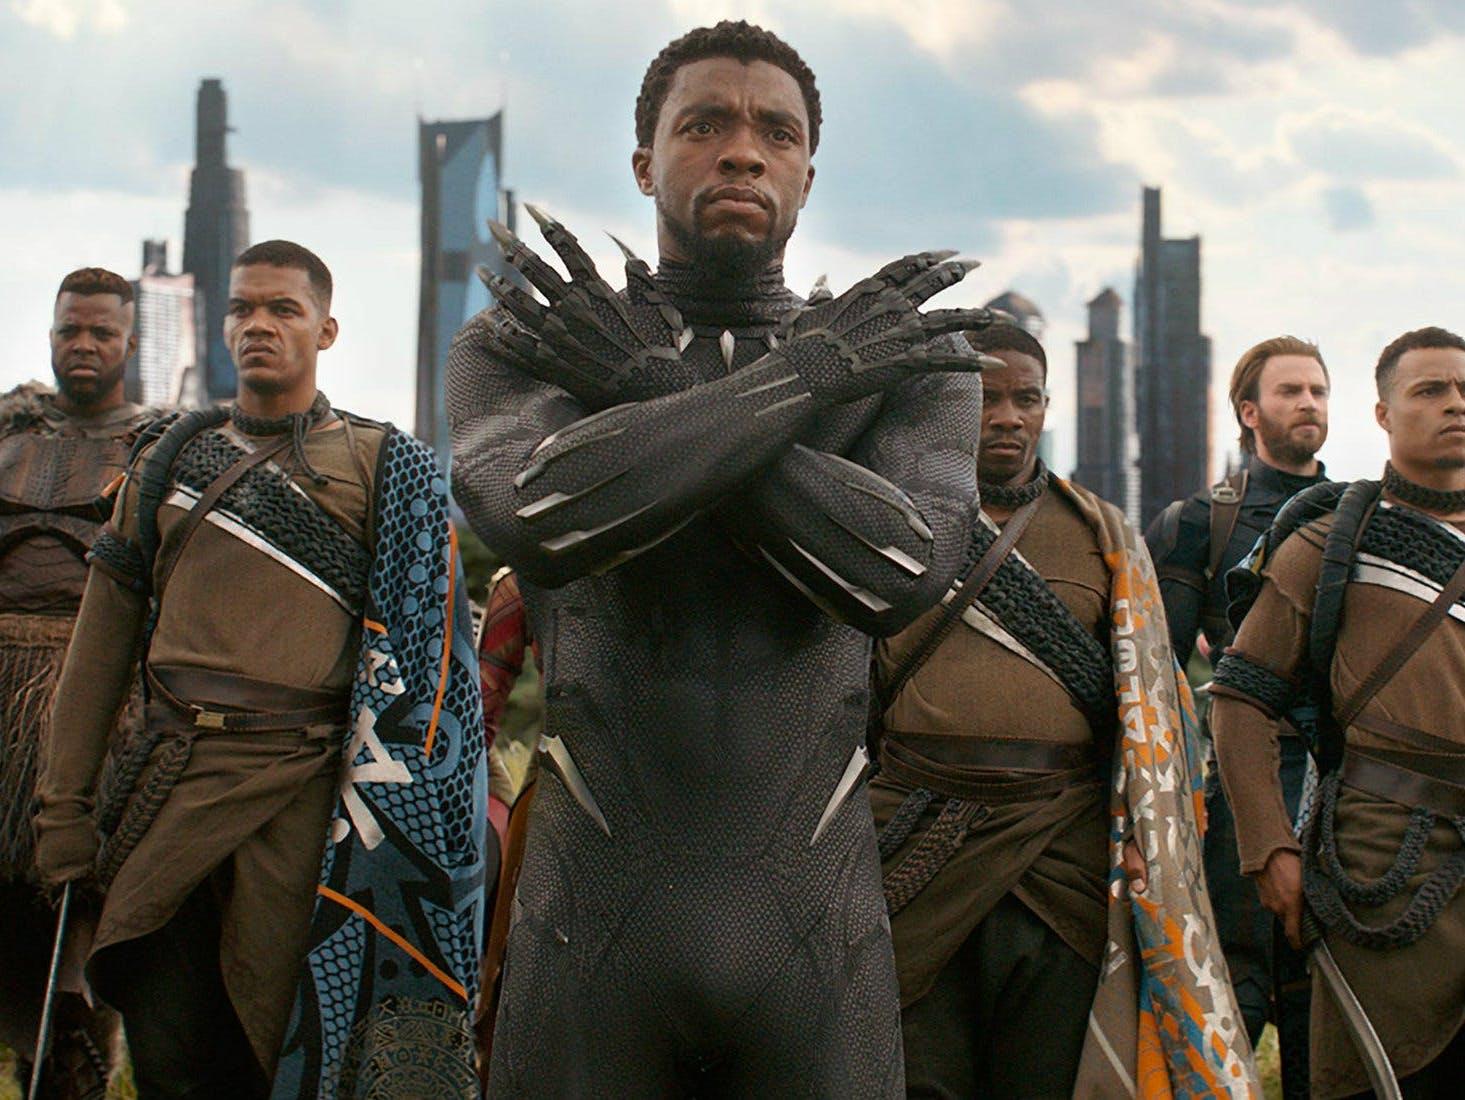 復仇者聯盟 3 無限之戰 電影最後, 黑豹 帝查拉 (T'Challa) 失去了蹤影。